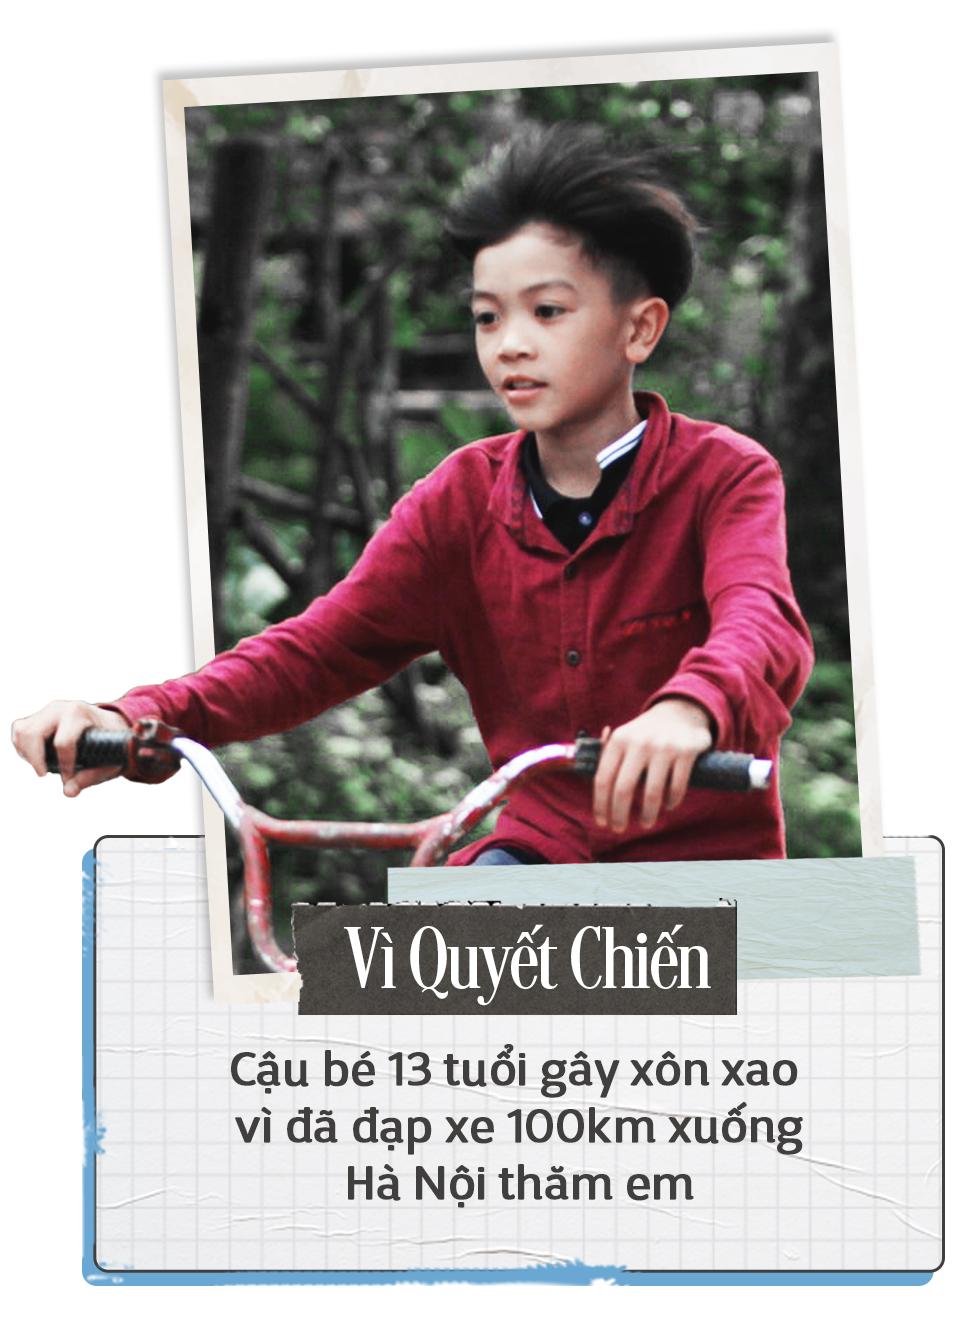 Những câu chuyện nóng hổi tạo trend trong giới trẻ Việt 2019 - Ảnh 2.